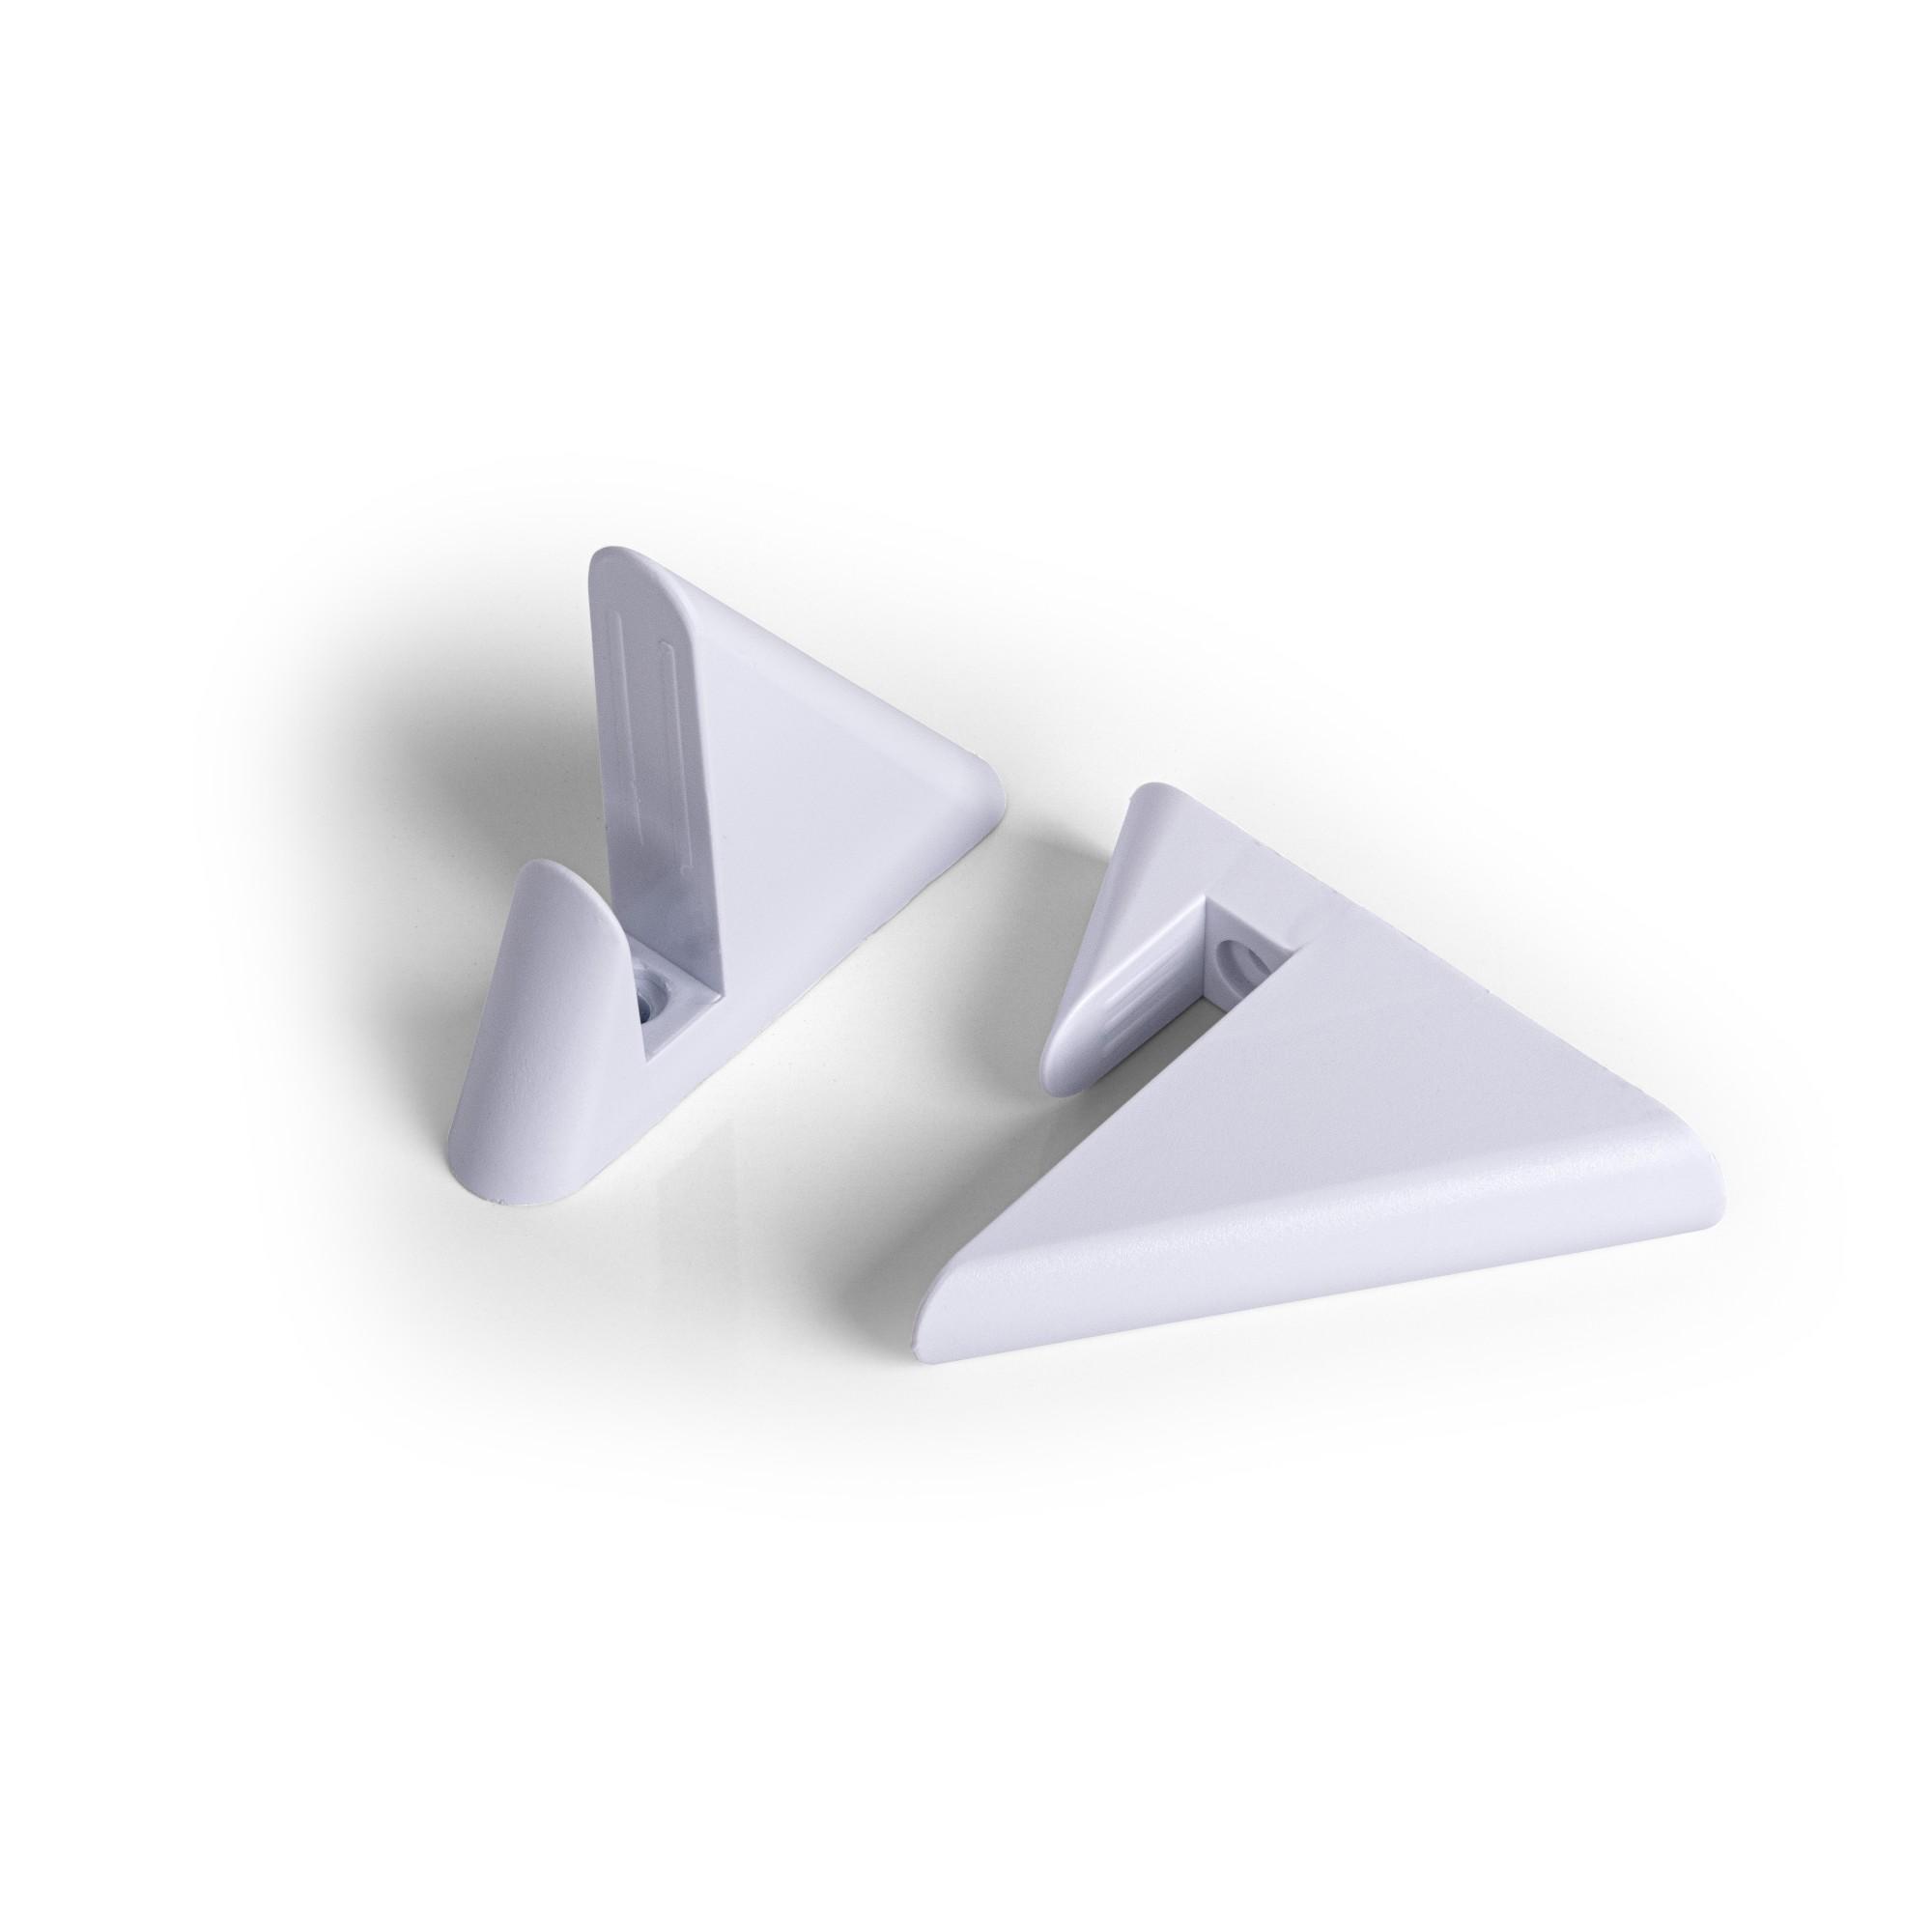 Suporte Fixo de Plastico Abs Parafusar Triangular 2 Unidades 30cm - Mademaster